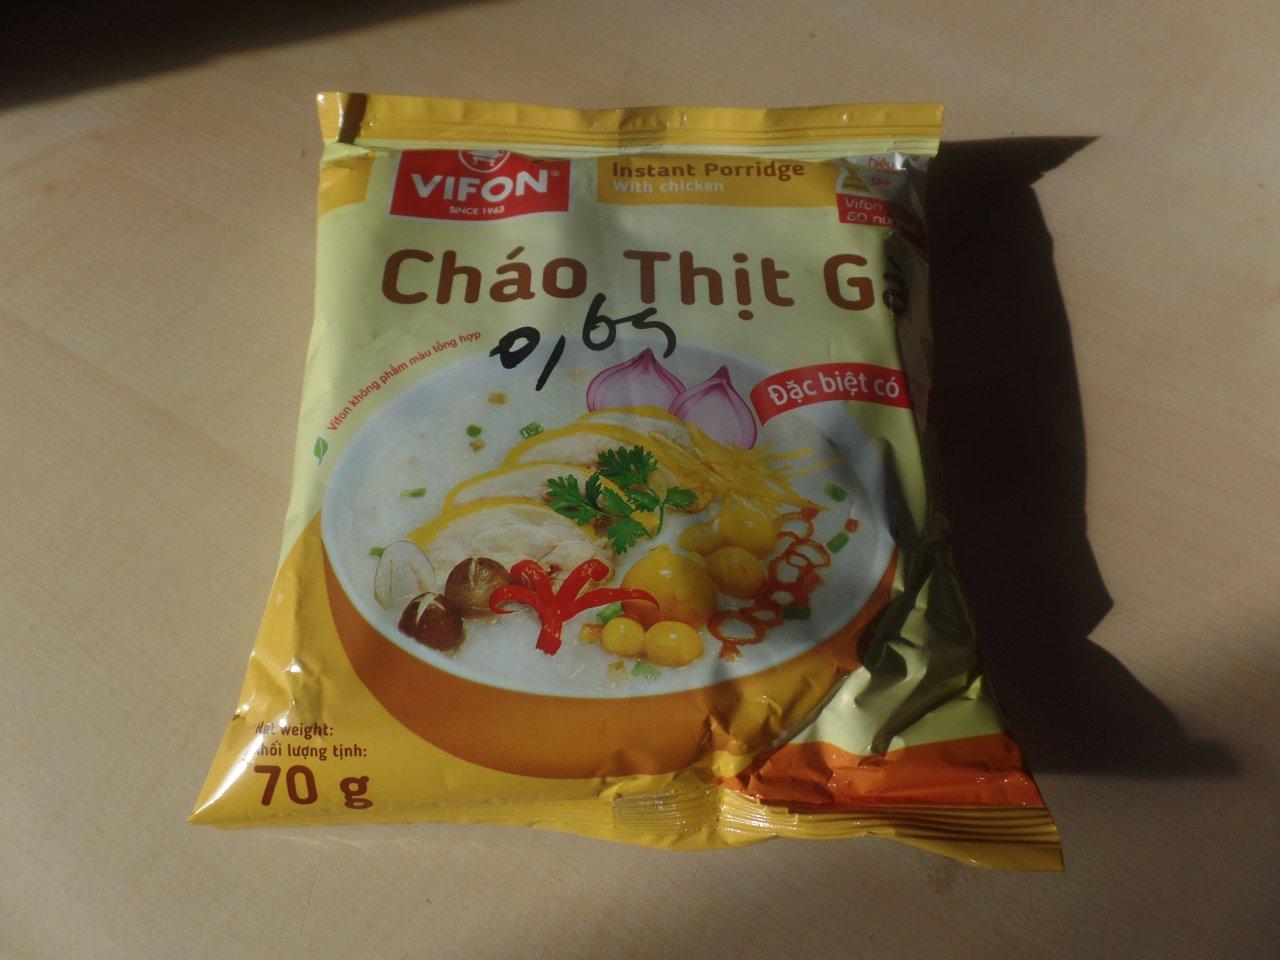 """#1510: Vifon """"Cháo Thịt Gà Instant Porridge with Chicken"""""""